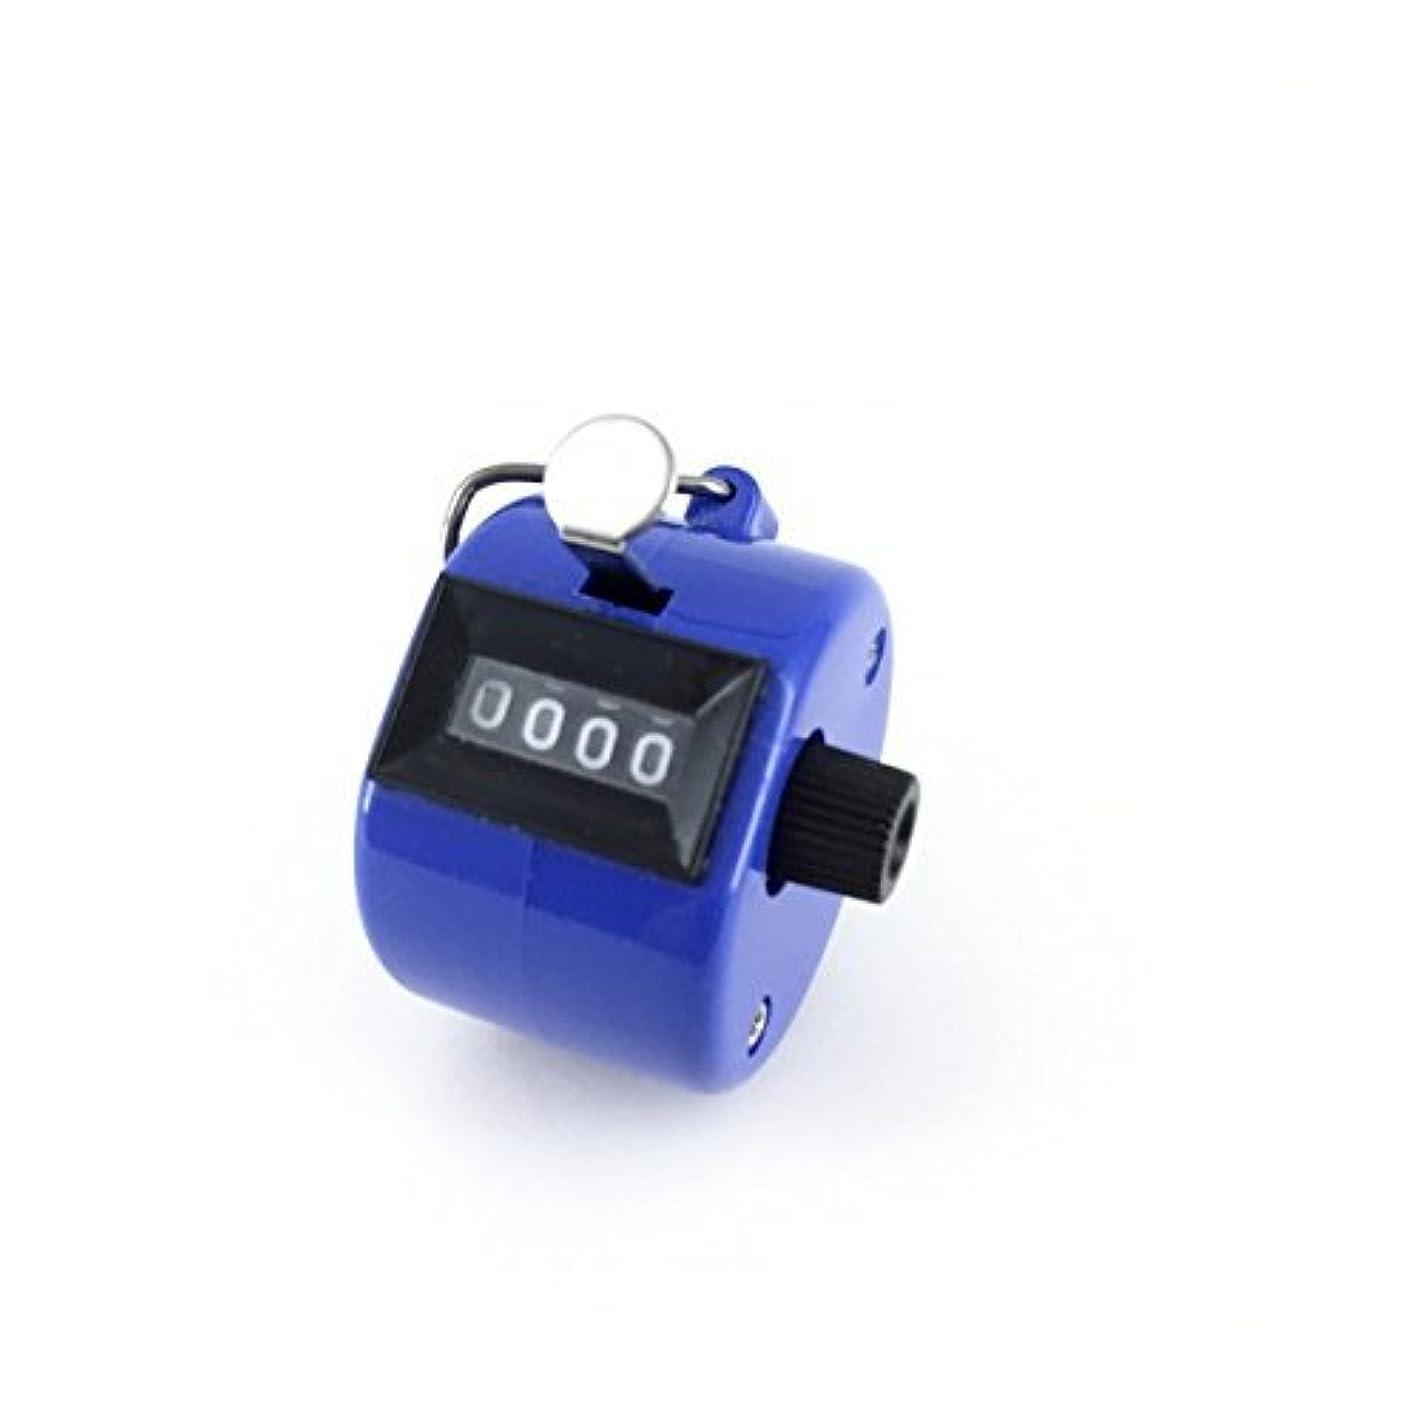 知覚できるロデオお香エクステカウンター 手持ちホルダー付き 数取器 まつげエクステ用品 カラー4色 (ブルー)